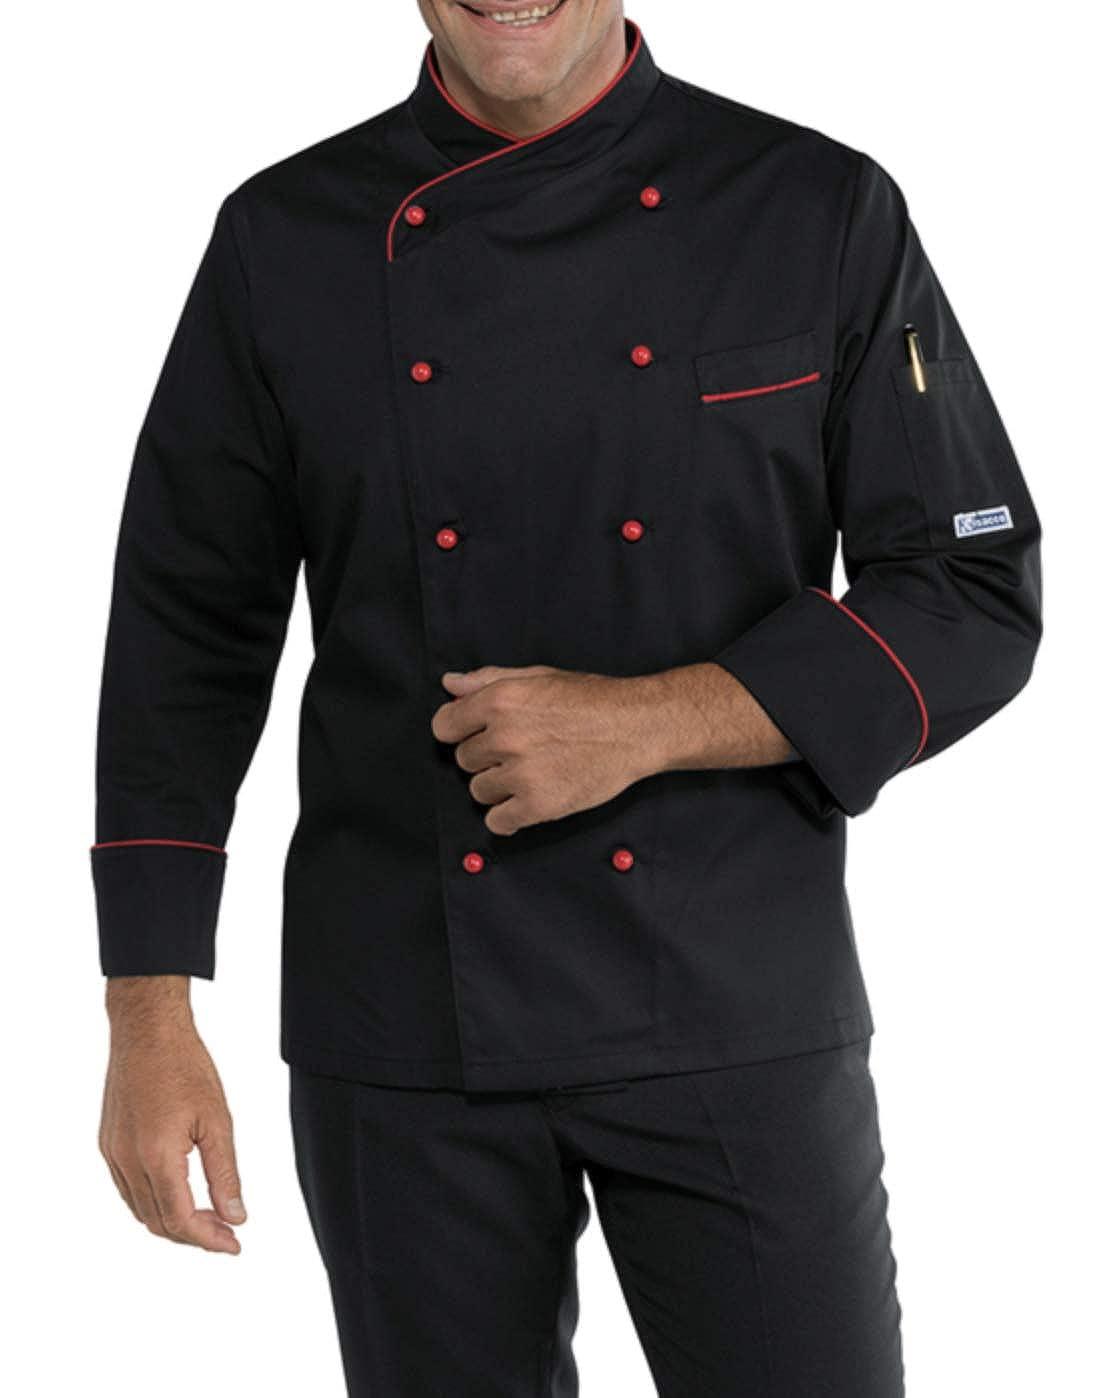 Giacca Cuoco Ricamata Isacco Modello Panama Slim Nero Rosso con Nome Personalizzabile Online XL